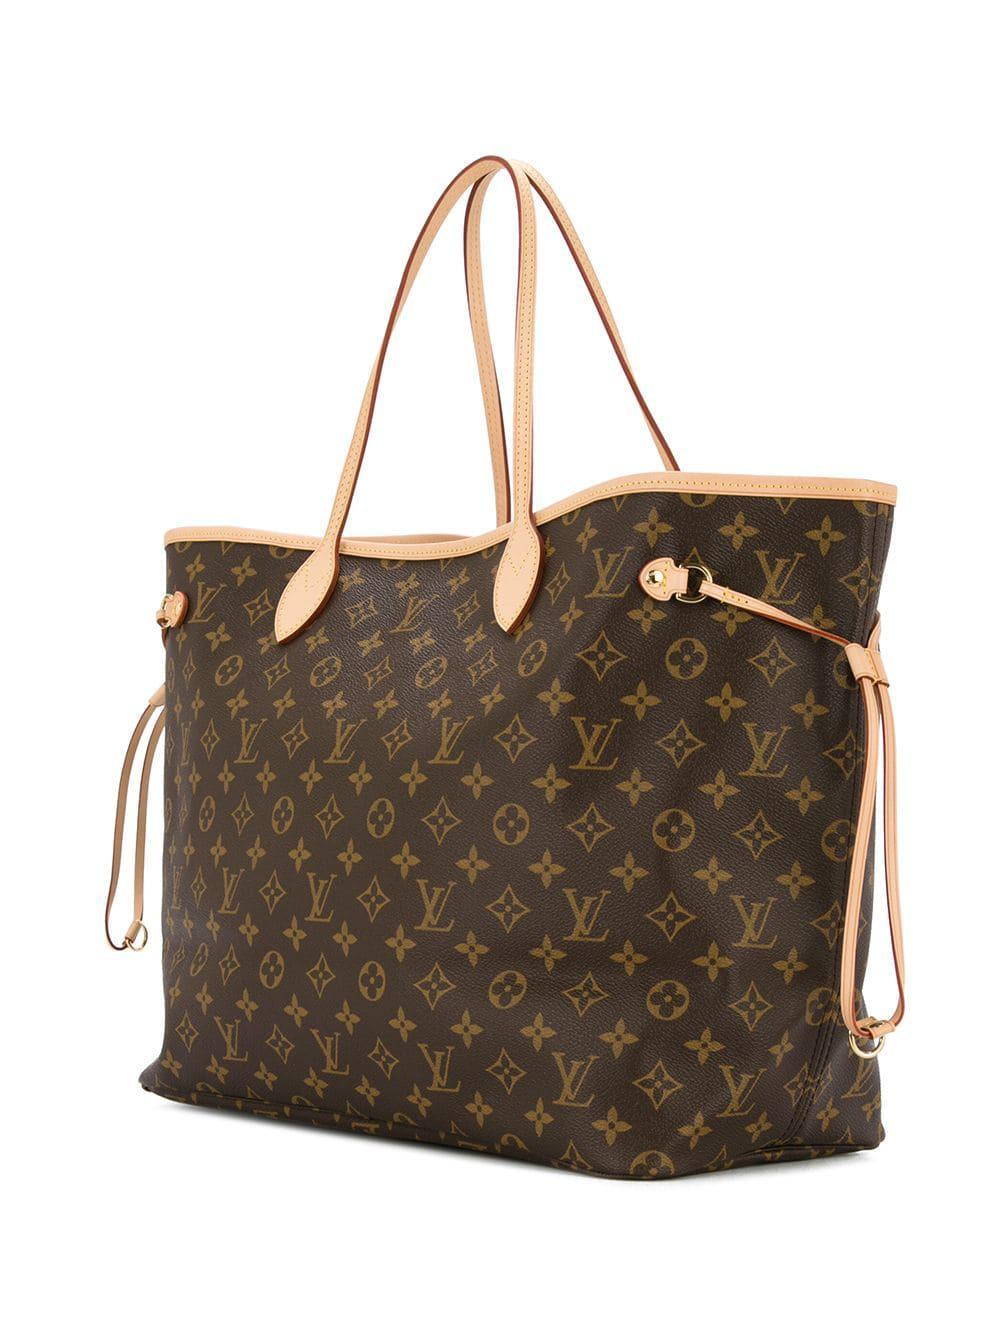 ee887d5d8bd9 Lyst - Bolso tote monogram Neverfull GM Louis Vuitton de color Marrón